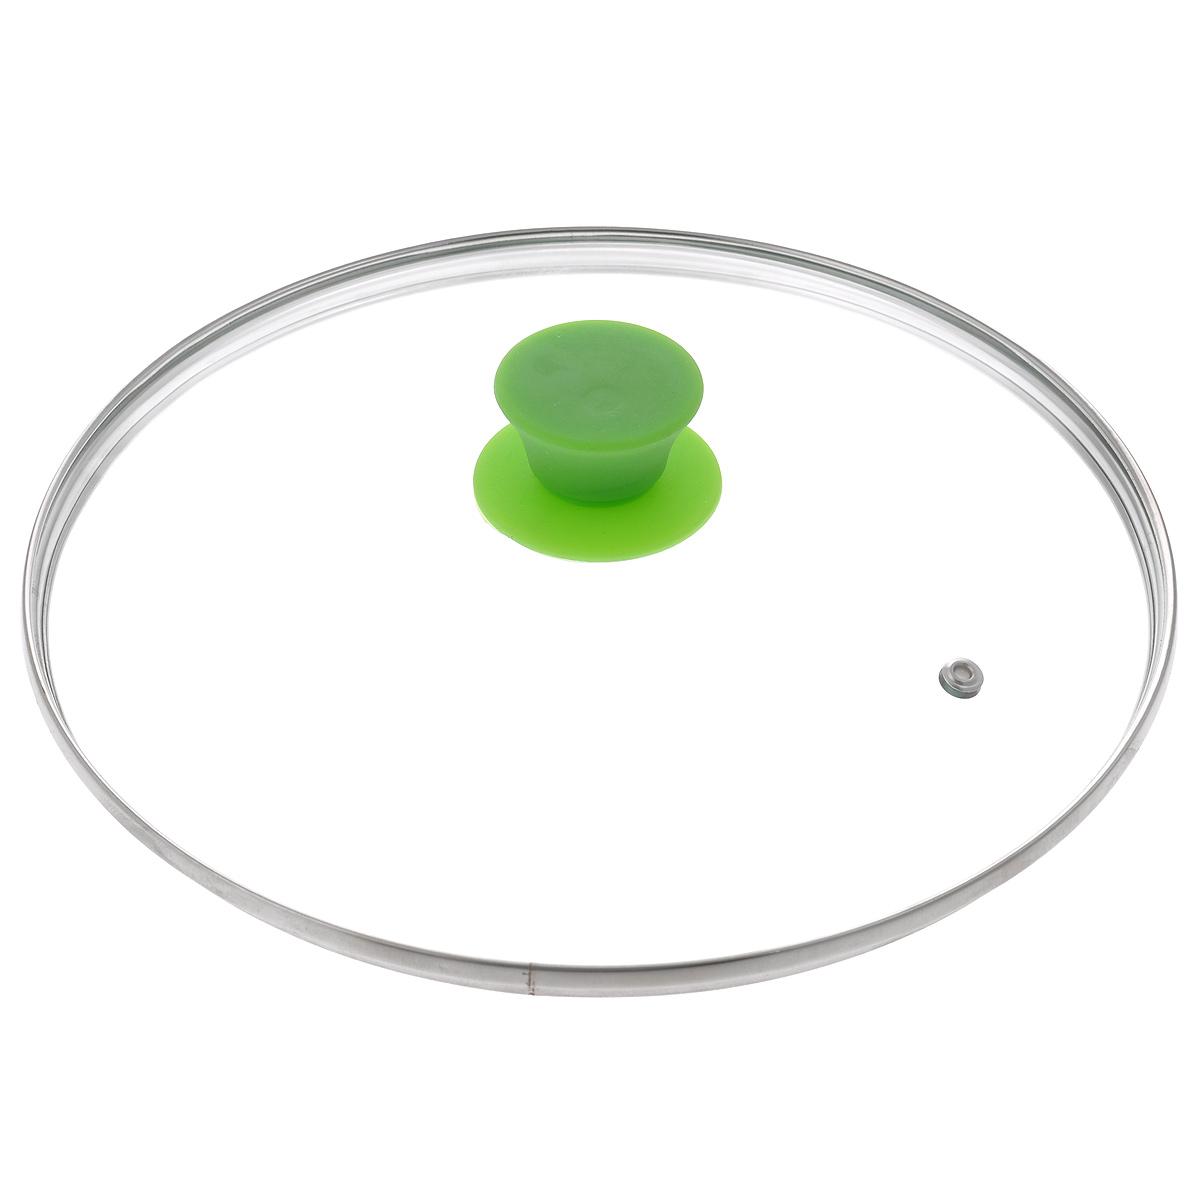 Крышка стеклянная Jarko Silk, цвет: зеленый. Диаметр 26 смКС*GTL26110 SilkКрышка Jarko Silk, изготовленная из термостойкого стекла, позволяет контролировать процесс приготовления пищи без потери тепла. Ободок из нержавеющей стали предотвращает сколы на стекле. Крышка оснащена пароотводом. Эргономичная силиконовая ручка не скользит в руках и не нагревается в процессе приготовления пищи.